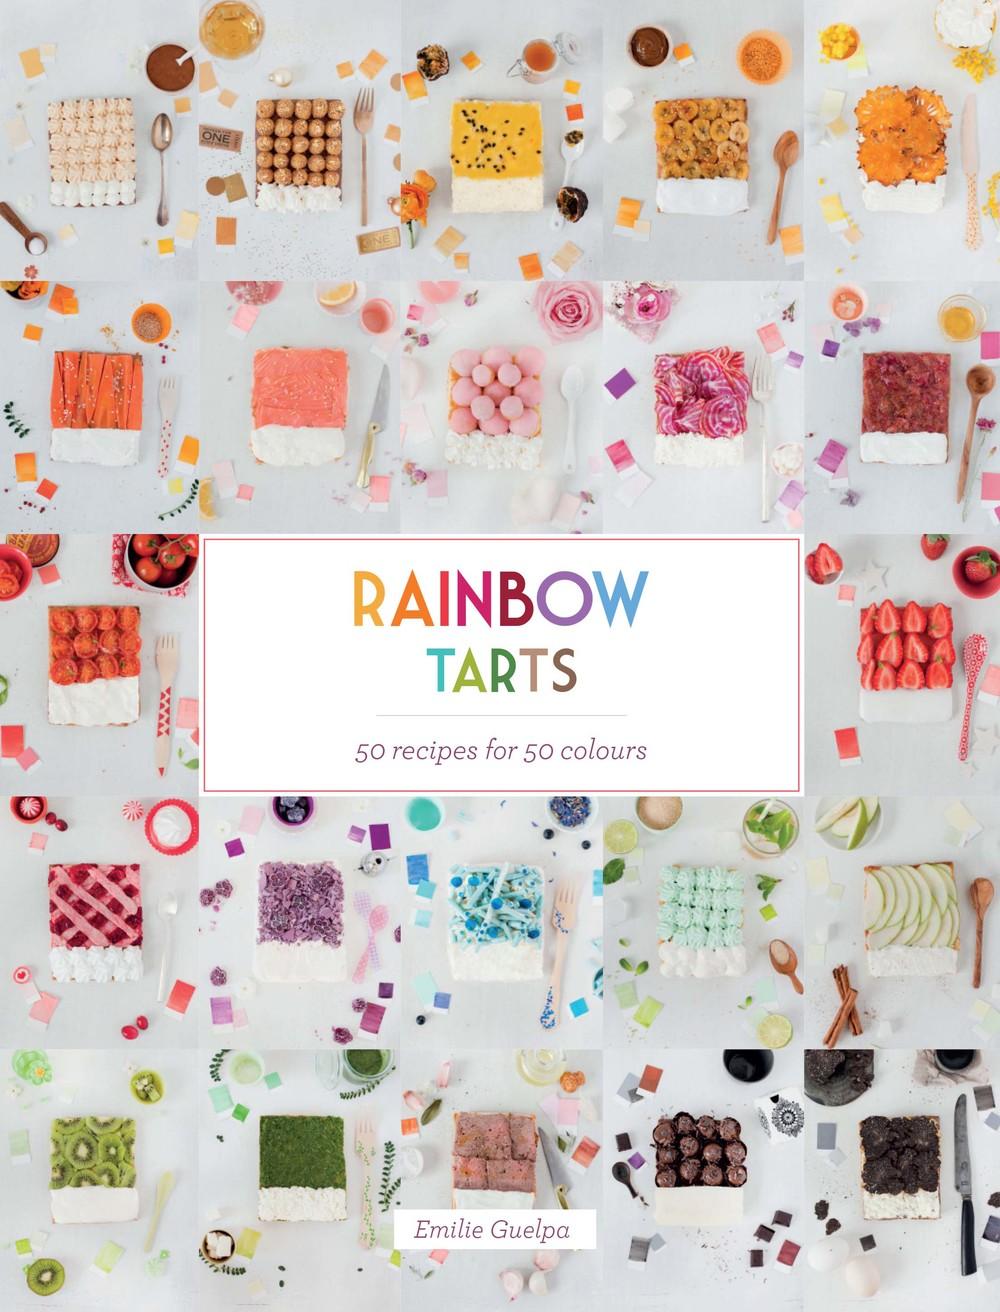 Rainbow Tarts $29.95